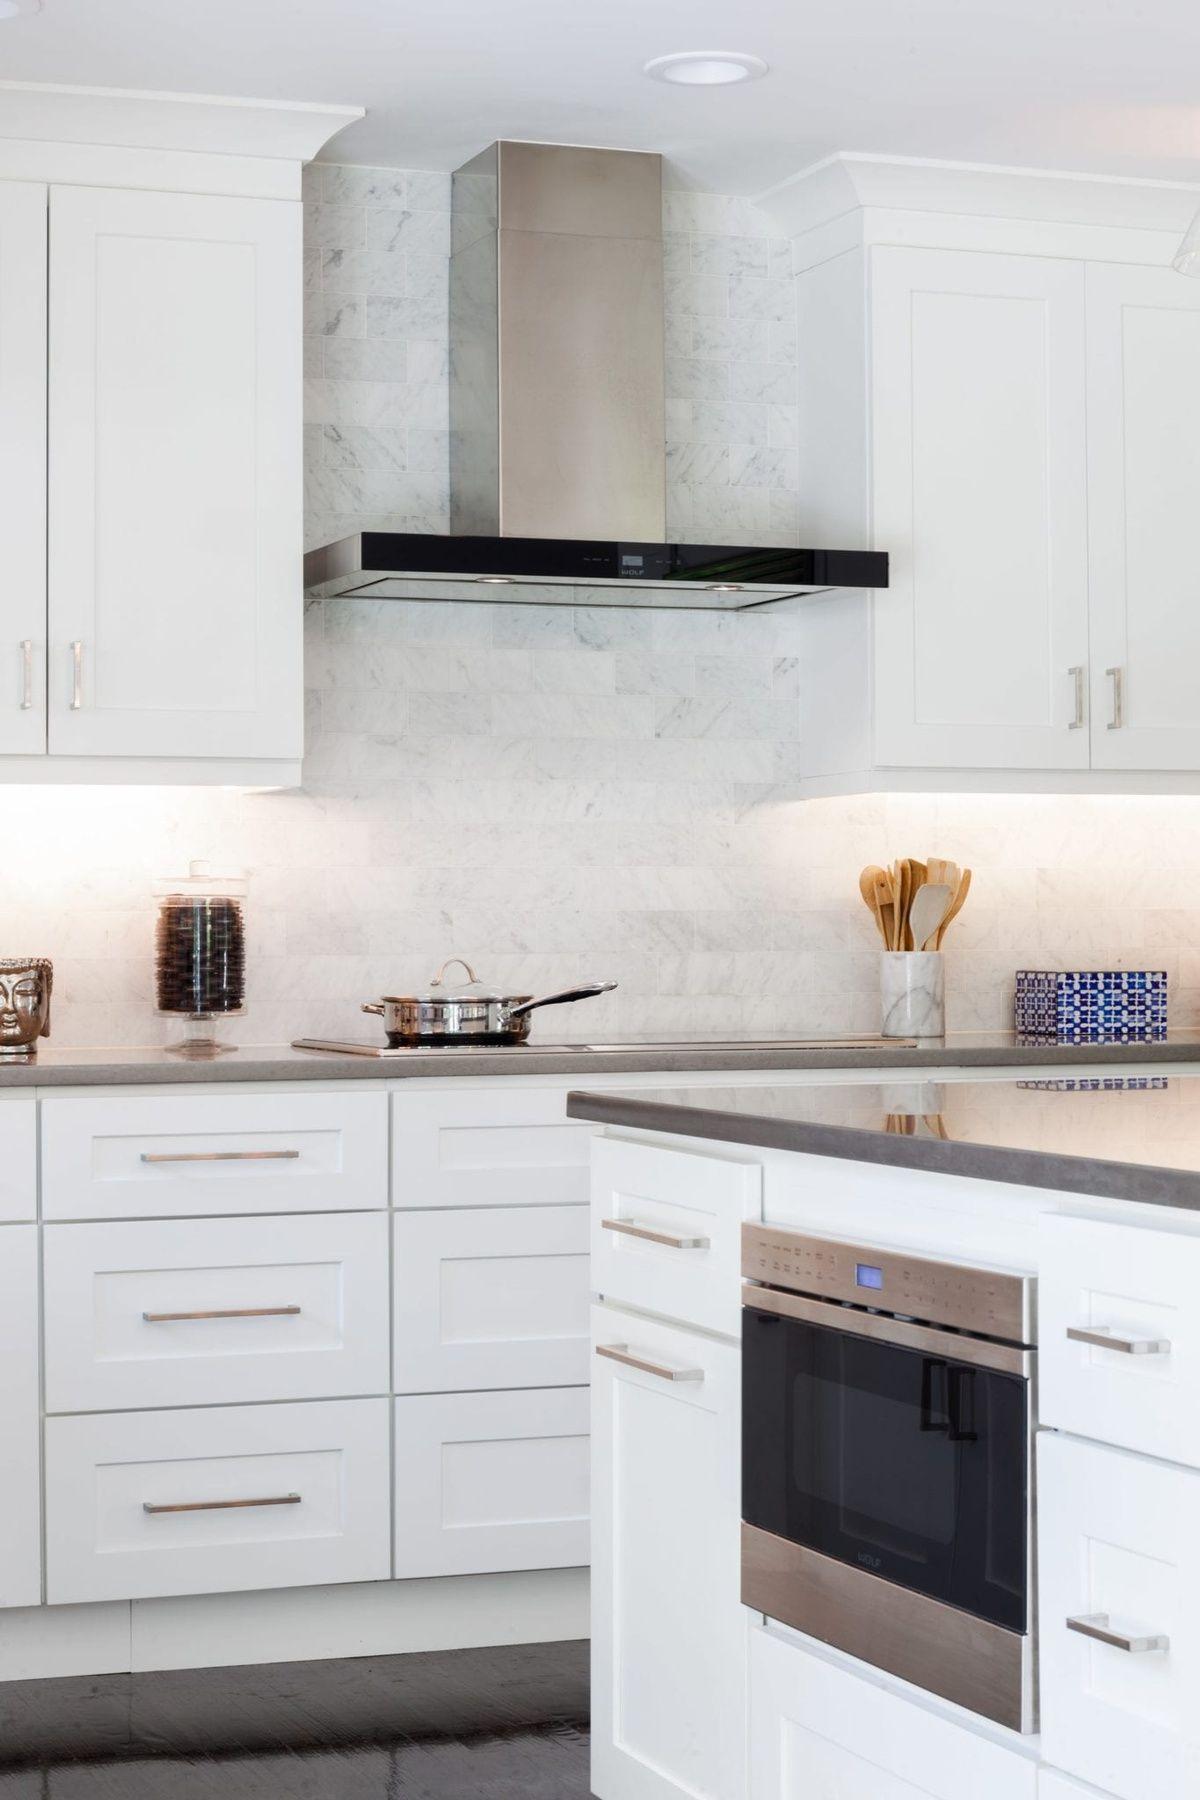 Sample Door Arcadia White Shaker In 2020 White Shaker Cabinets White Shaker Kitchen Shaker Kitchen Cabinets